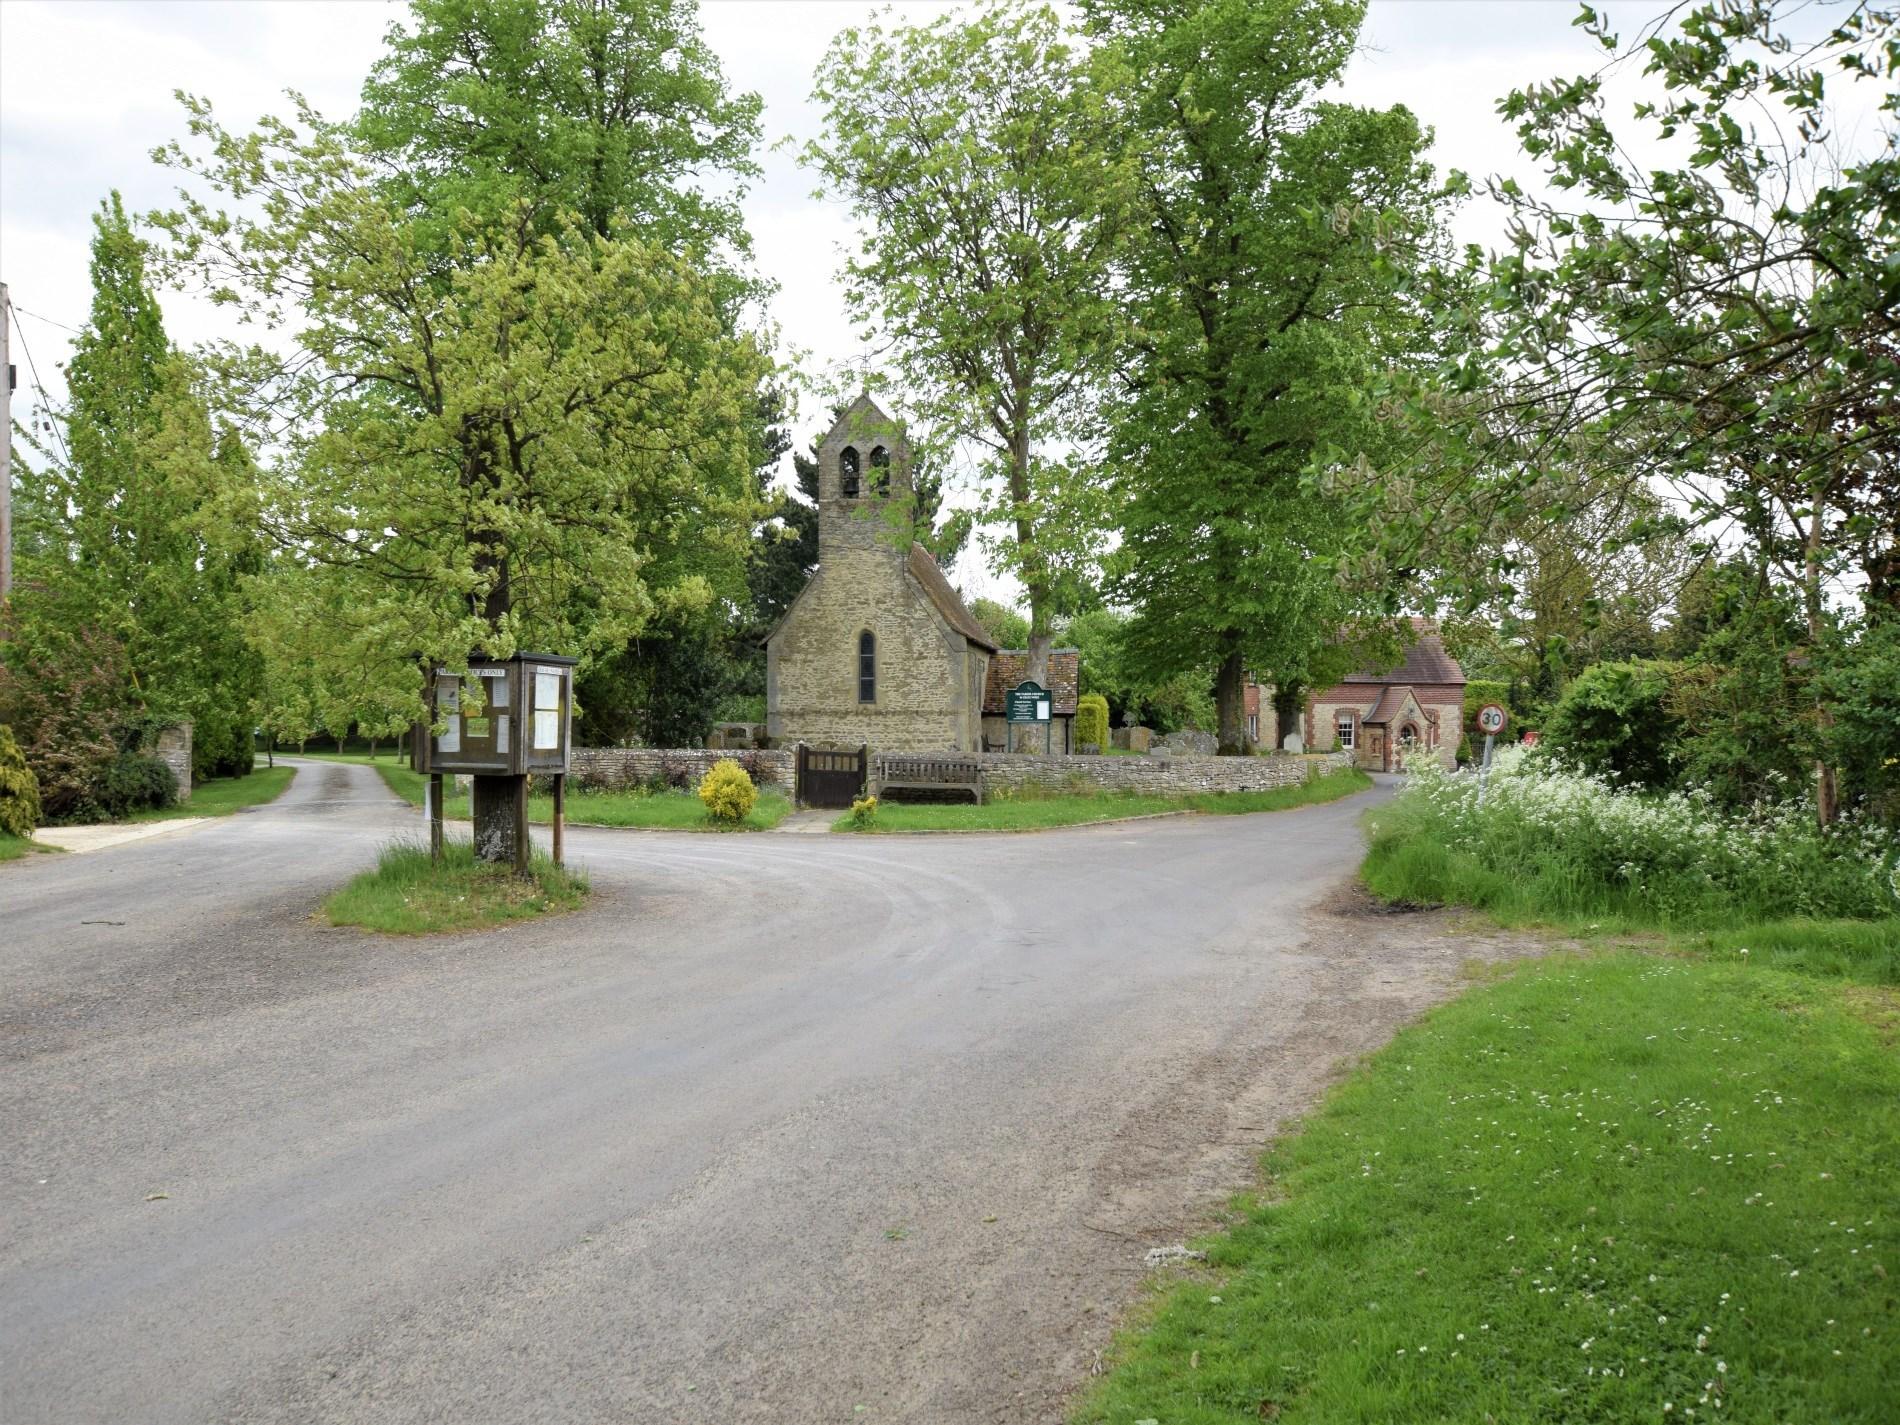 Pretty village location